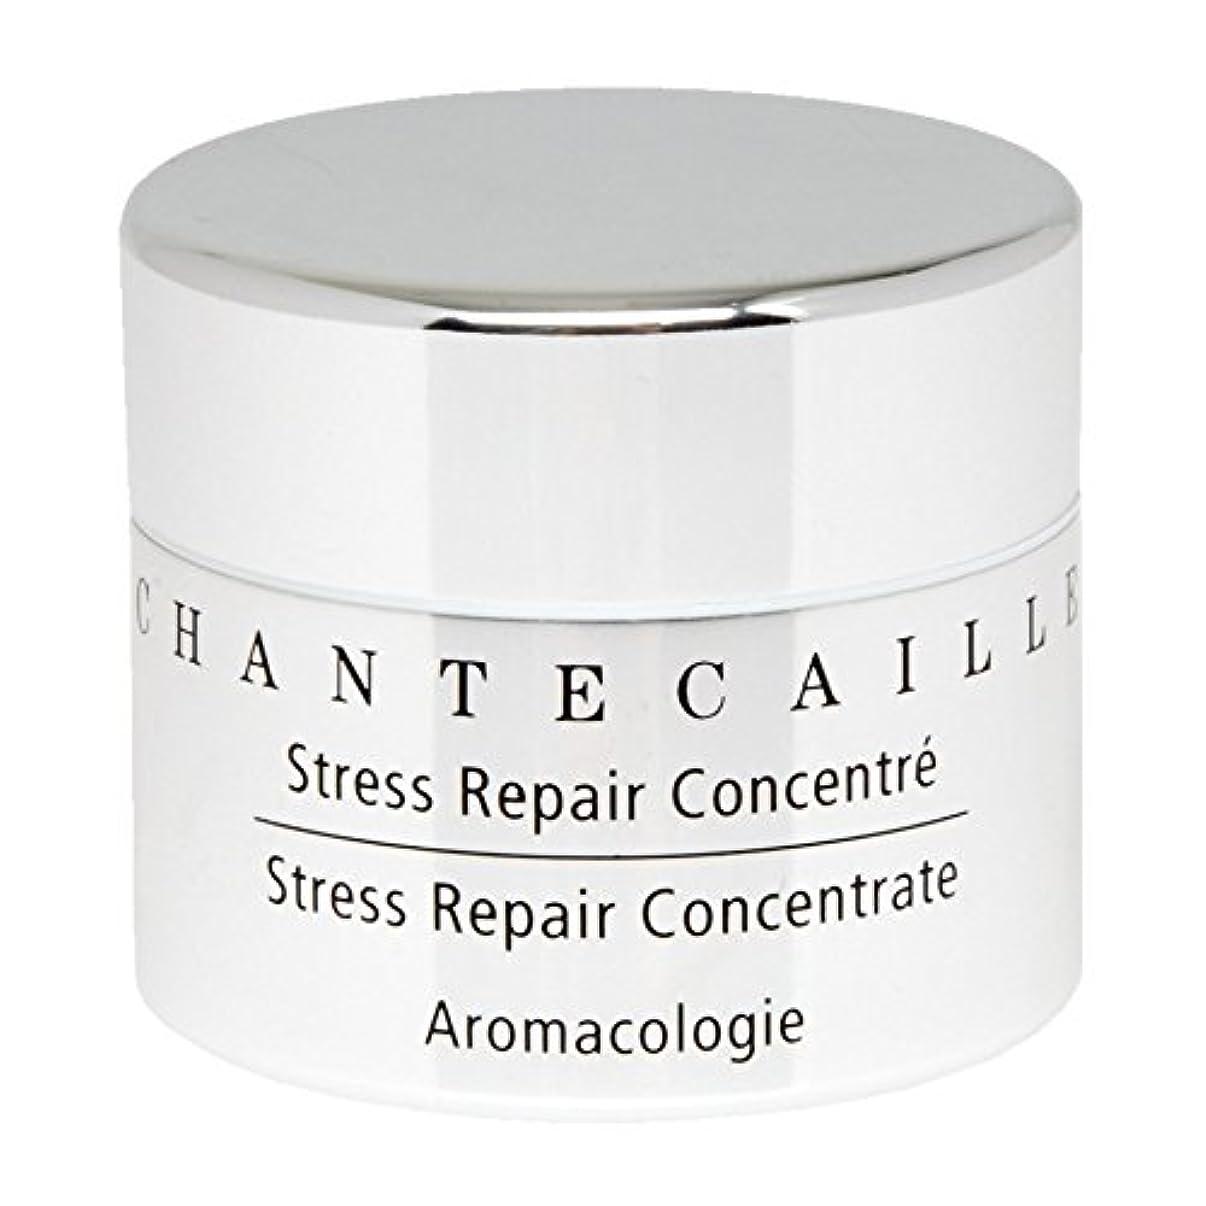 プロフェッショナル腐食するアスリートChantecaille Stress Repair Concentrate 15ml - シャンテカイユストレス修復濃縮15ミリリットル [並行輸入品]